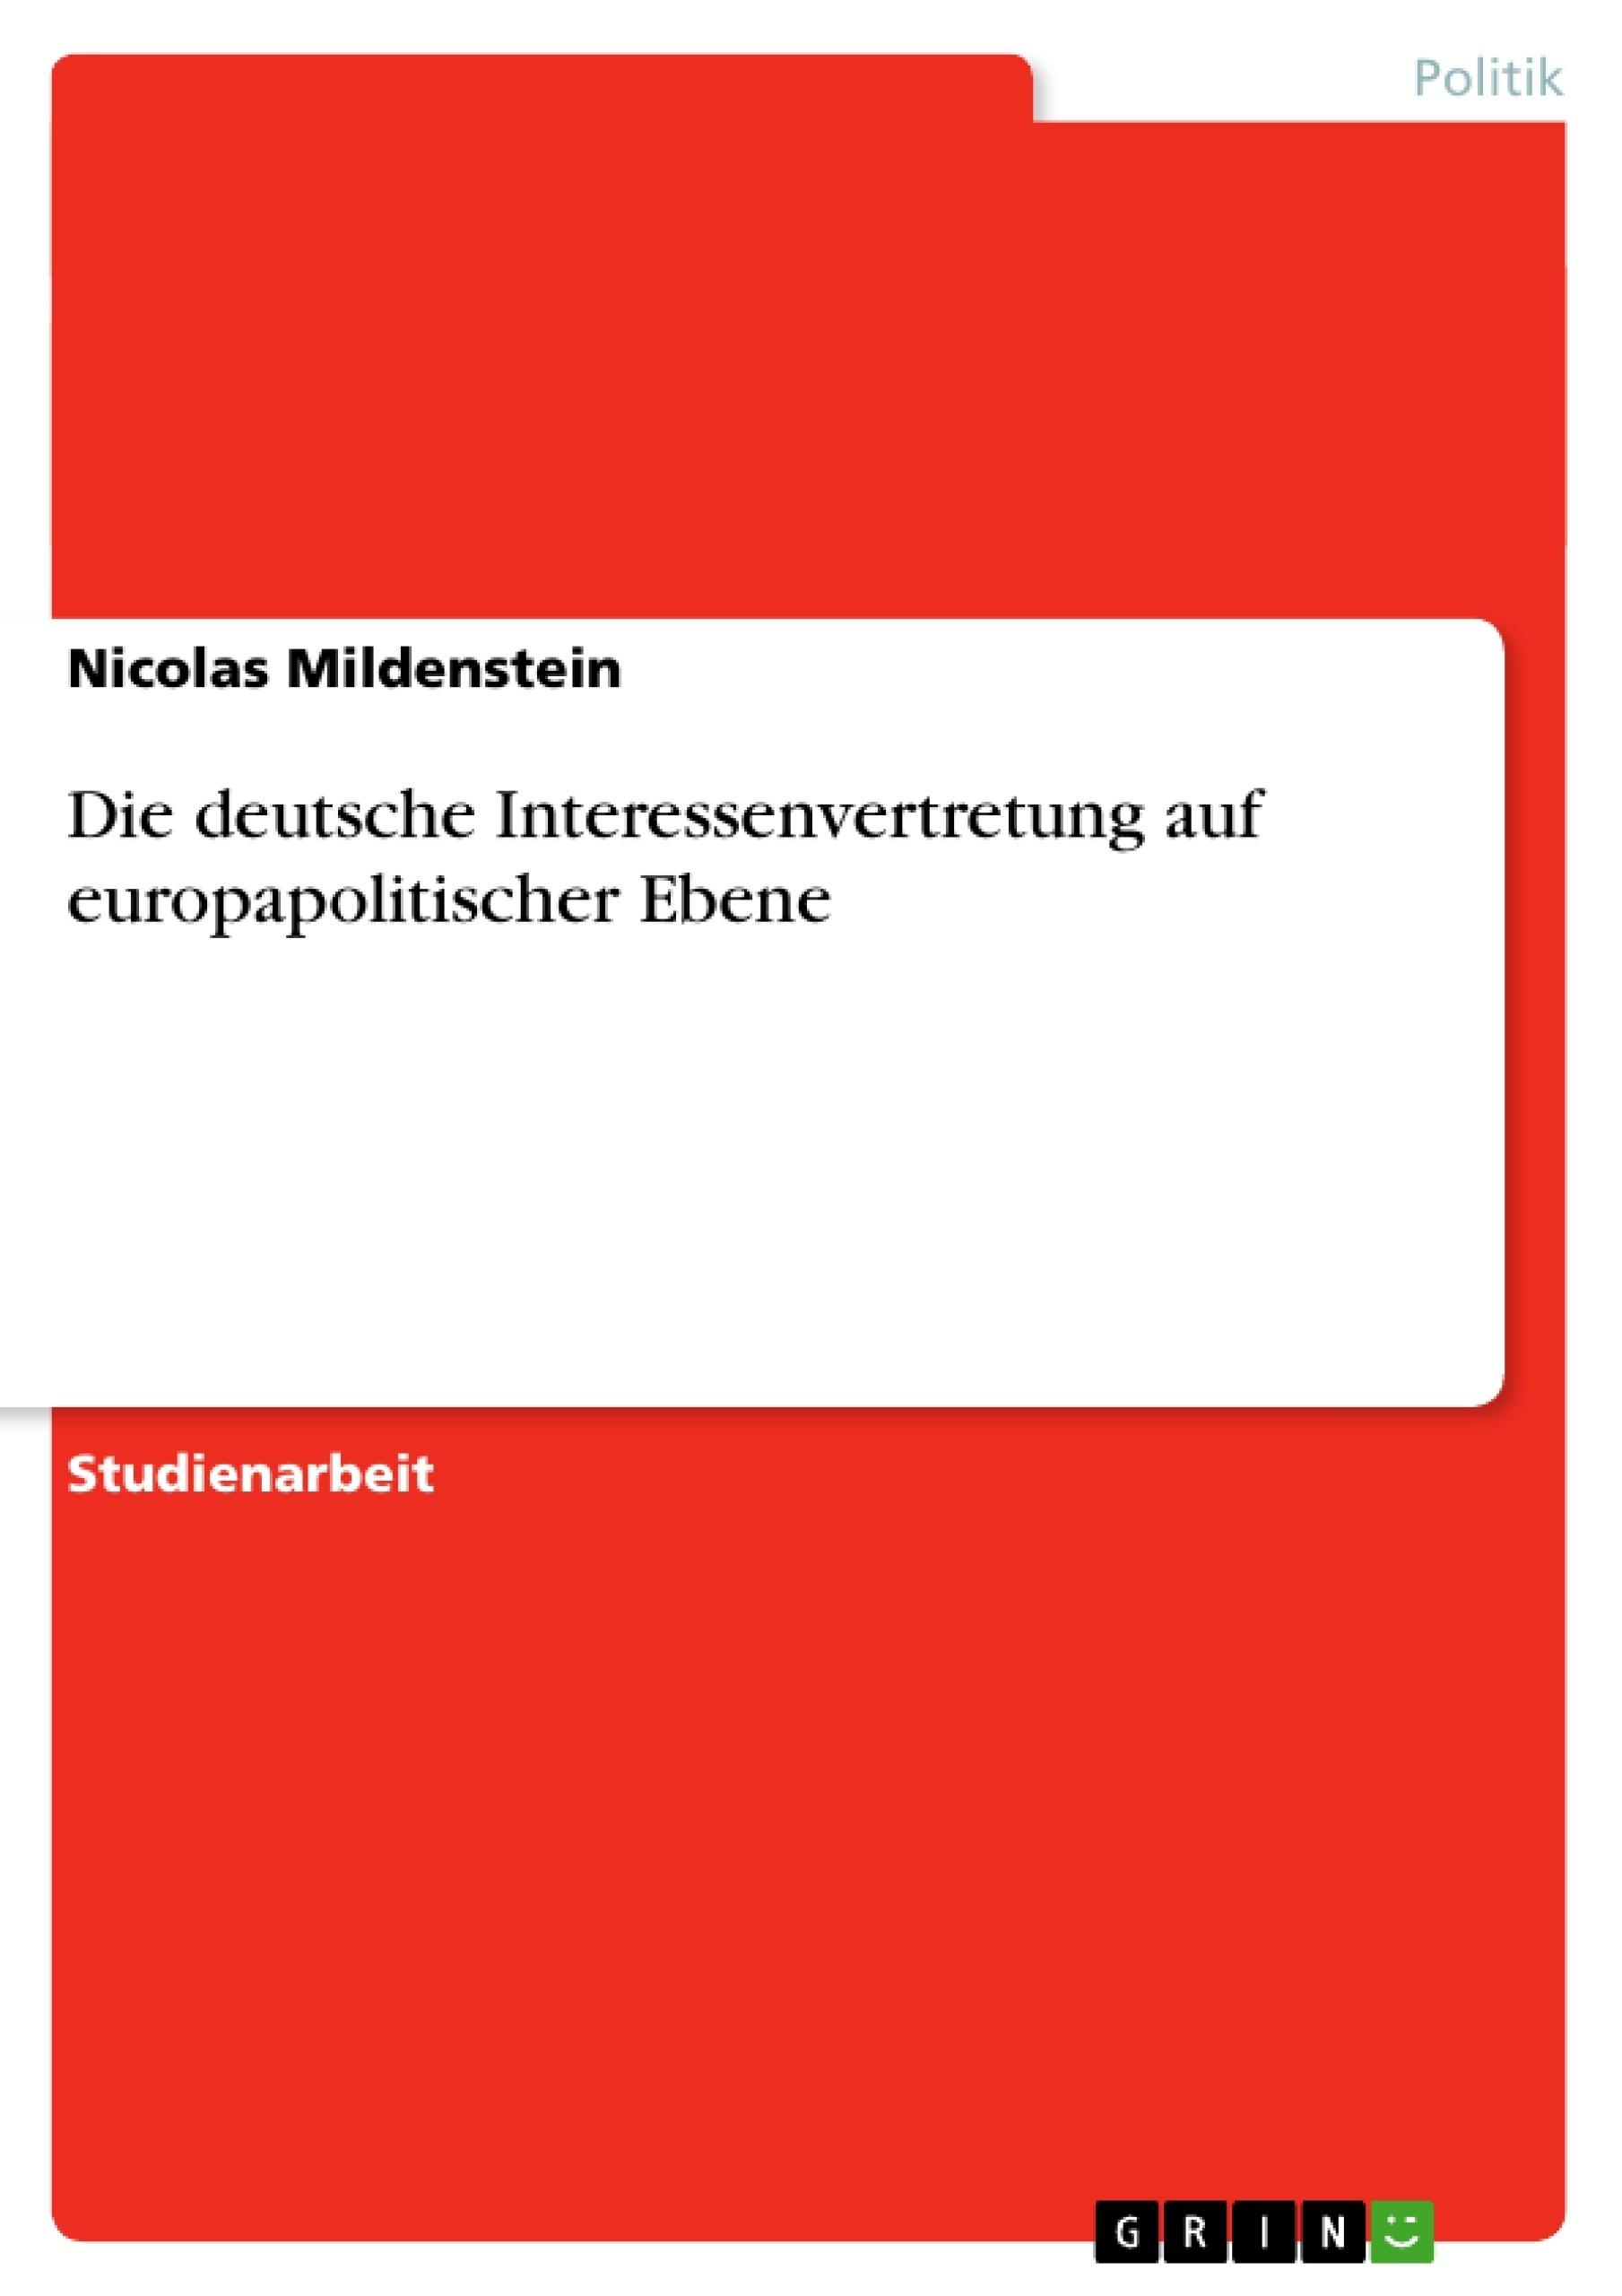 Titel: Die deutsche Interessenvertretung auf europapolitischer Ebene